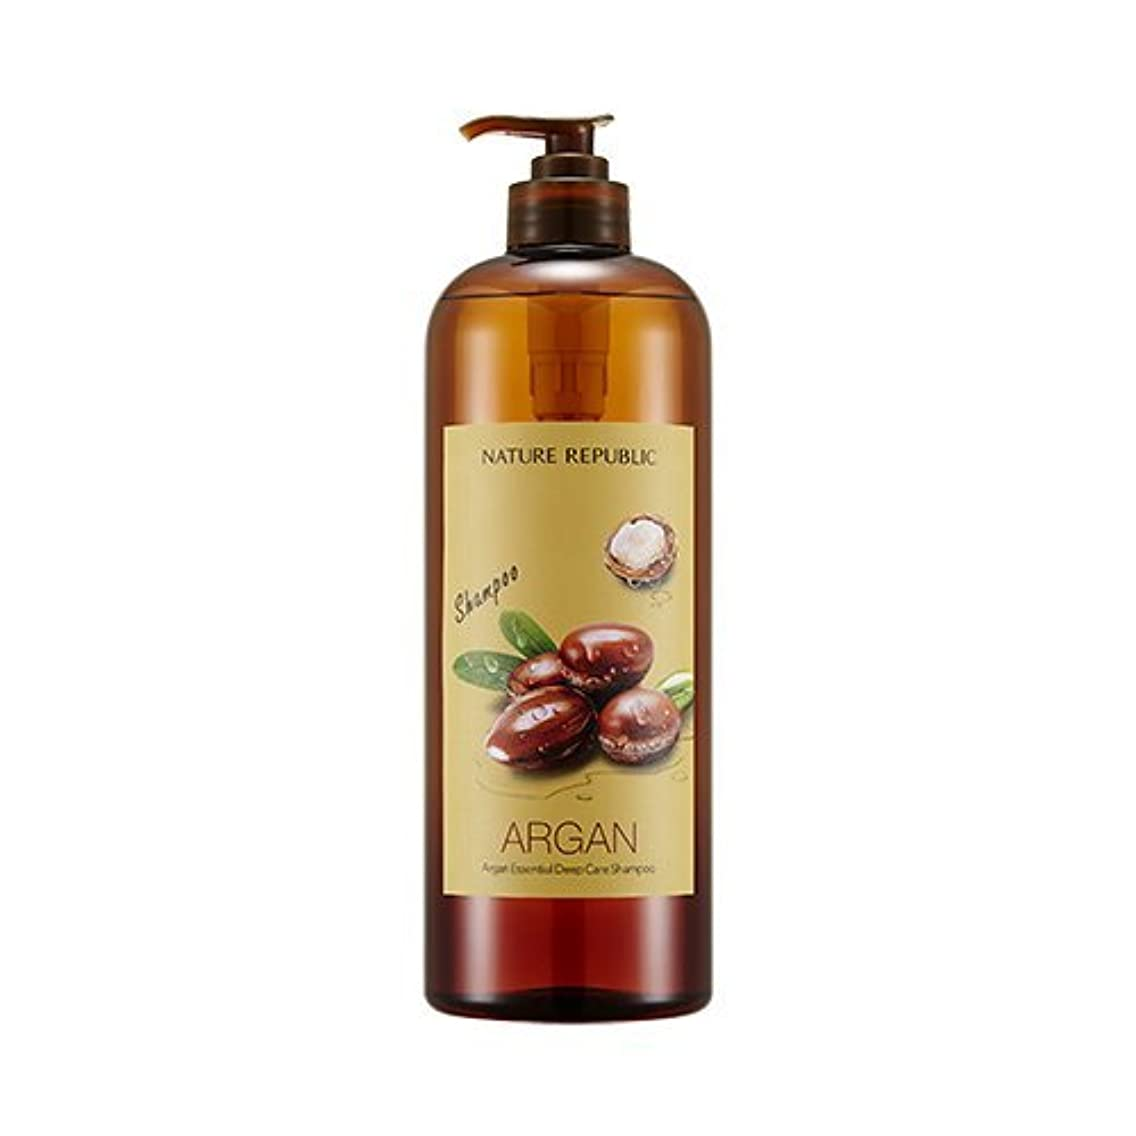 問題カーフ確認NATURE REPUBLIC Argan Essential Deep Care Shampoo 1000? ネイチャーリパブリック アルガンエッセンシャルディープケアシャンプー(大容量) [並行輸入品]